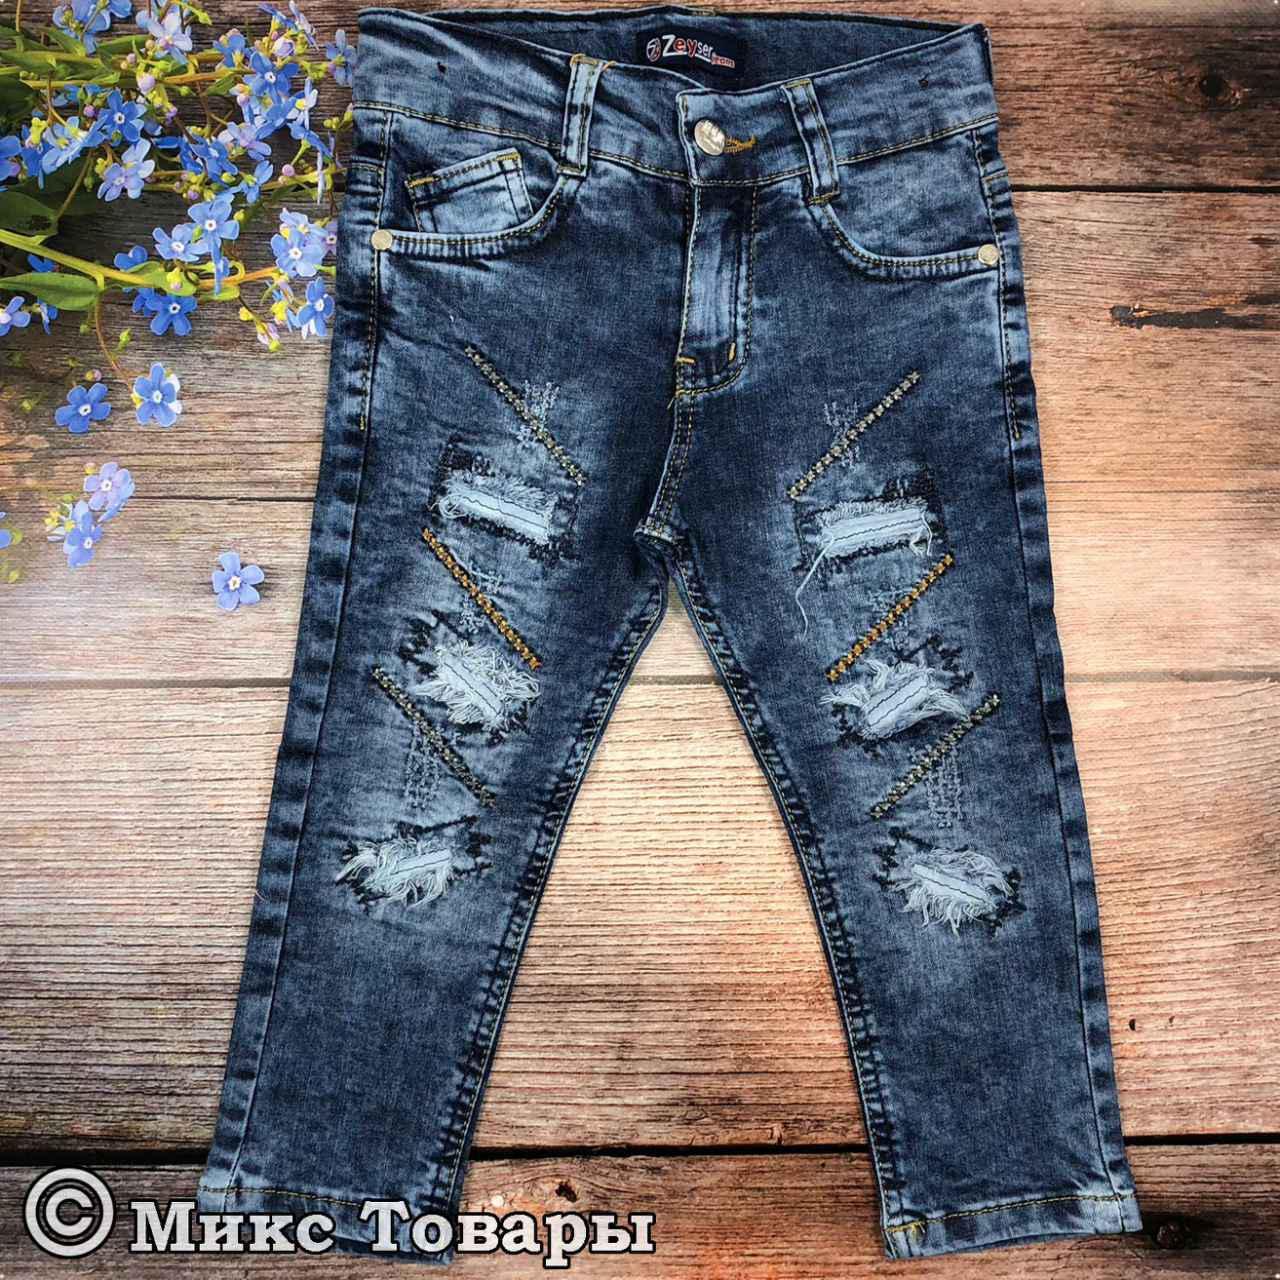 1641aedf50e Купить Рваные Турецкие джинсы для мальчика Размеры  8